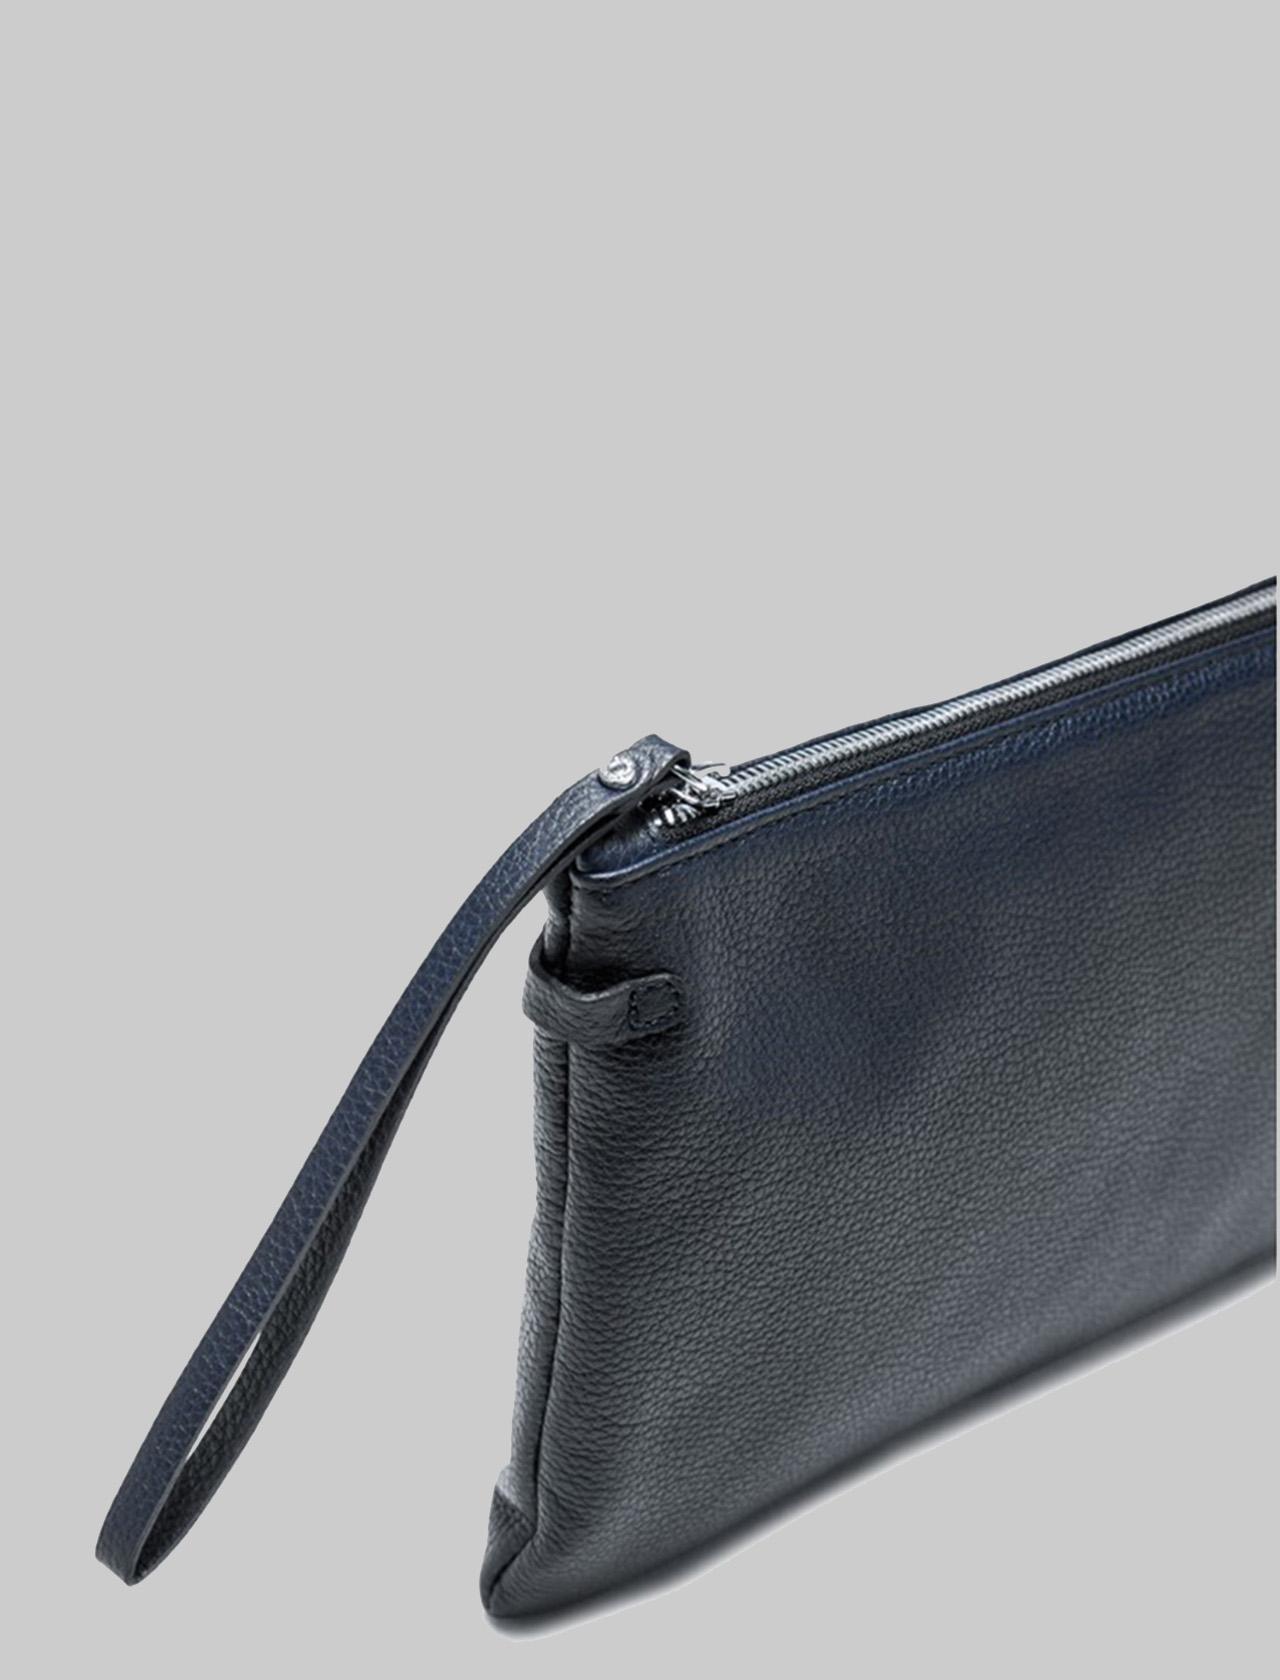 Borsa Donna Pochette Maxi Hermy In Pelle Blu Navy Con Manico E Tracolla Regolabile E Removibile Gianni Chiarini | Borse e zaini | BS36950208